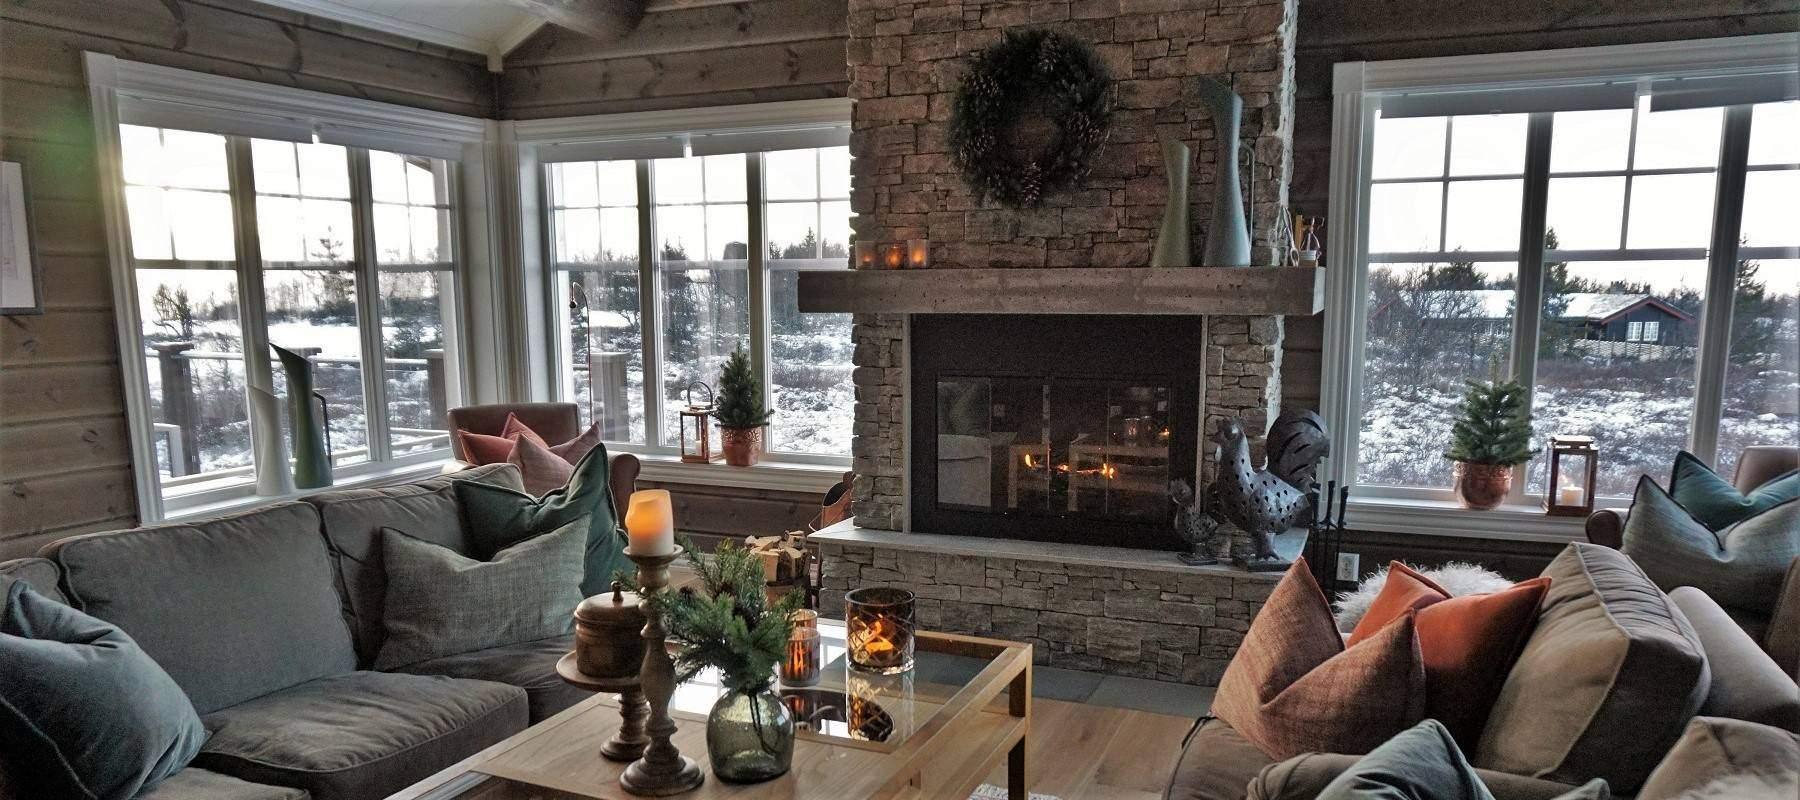 46 Hytteleverandor – Tiurtoppen Hytter Inspirasjon hytte pa Gålå